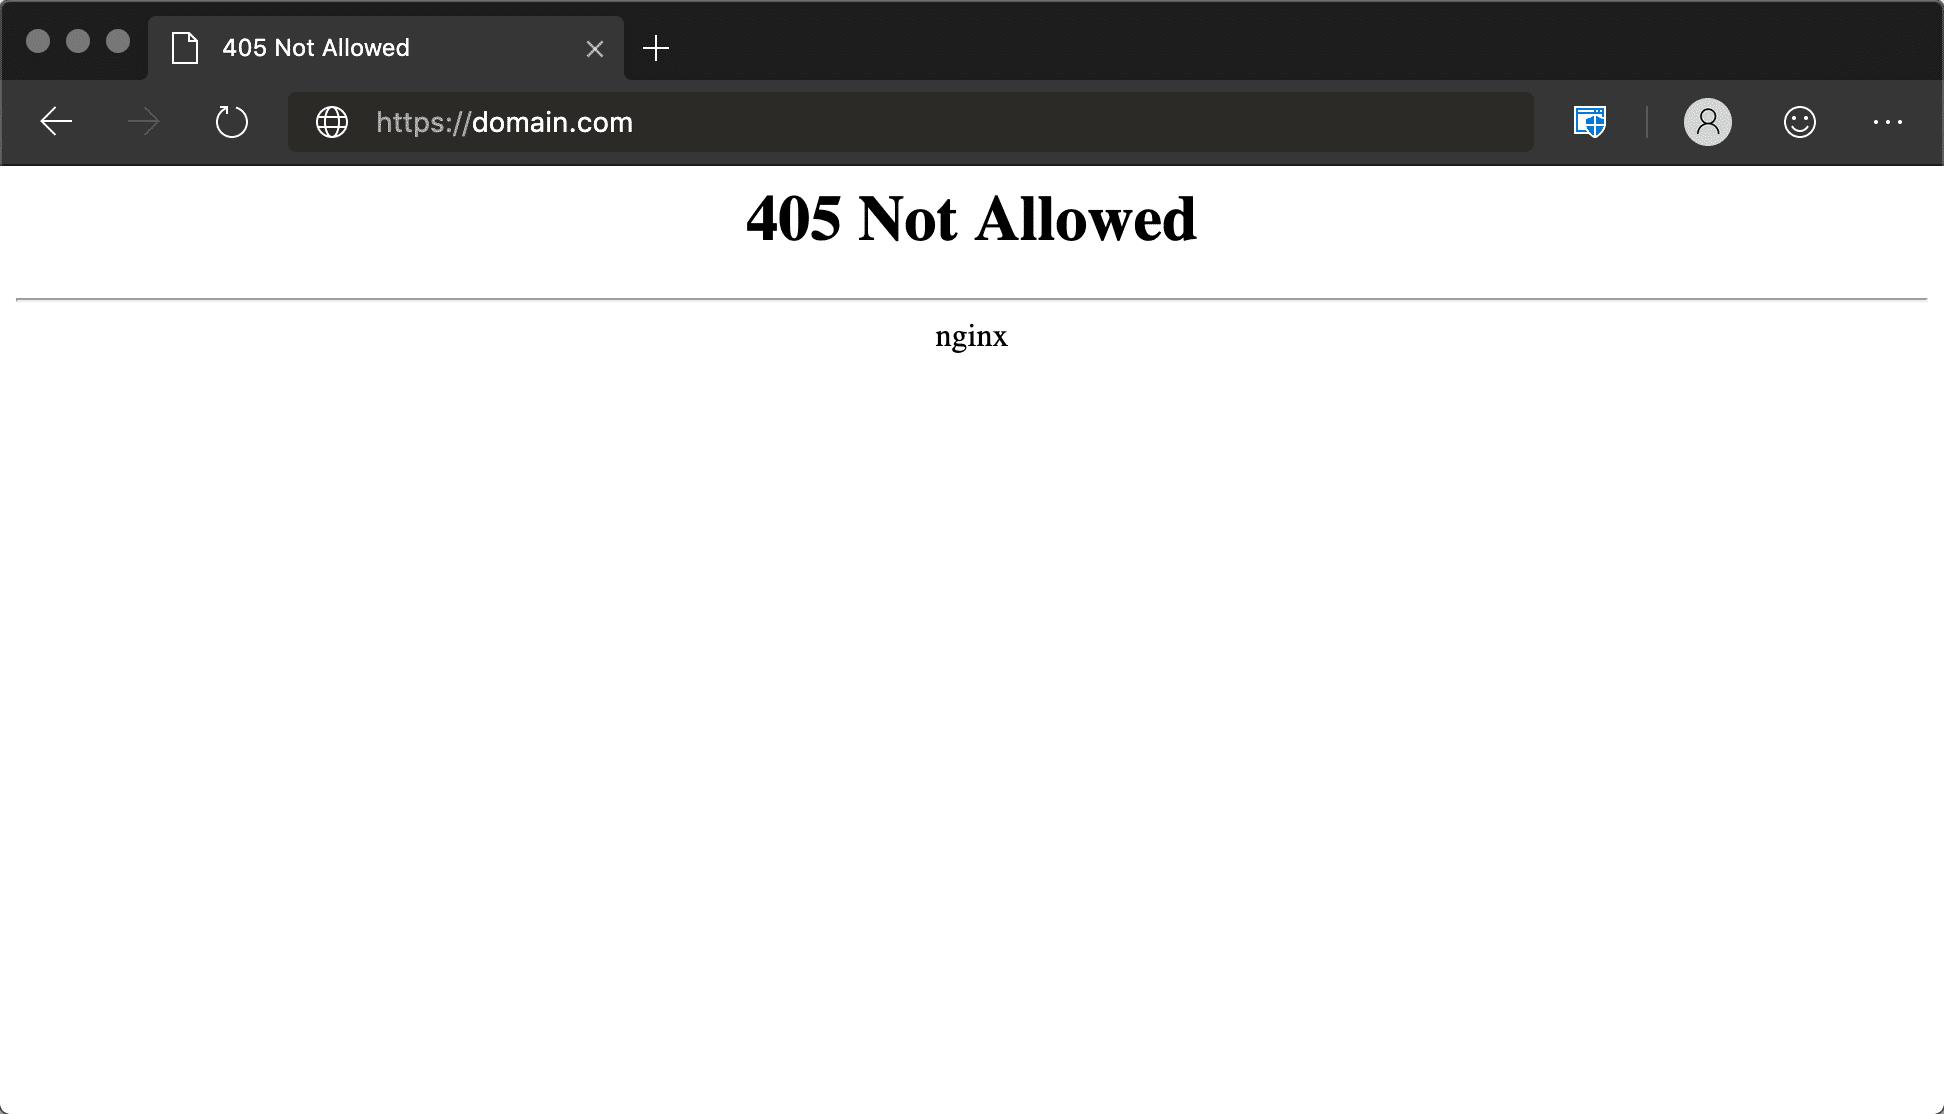 Erreur 405 de méthode non autorisée Nginx dans Microsoft Edge